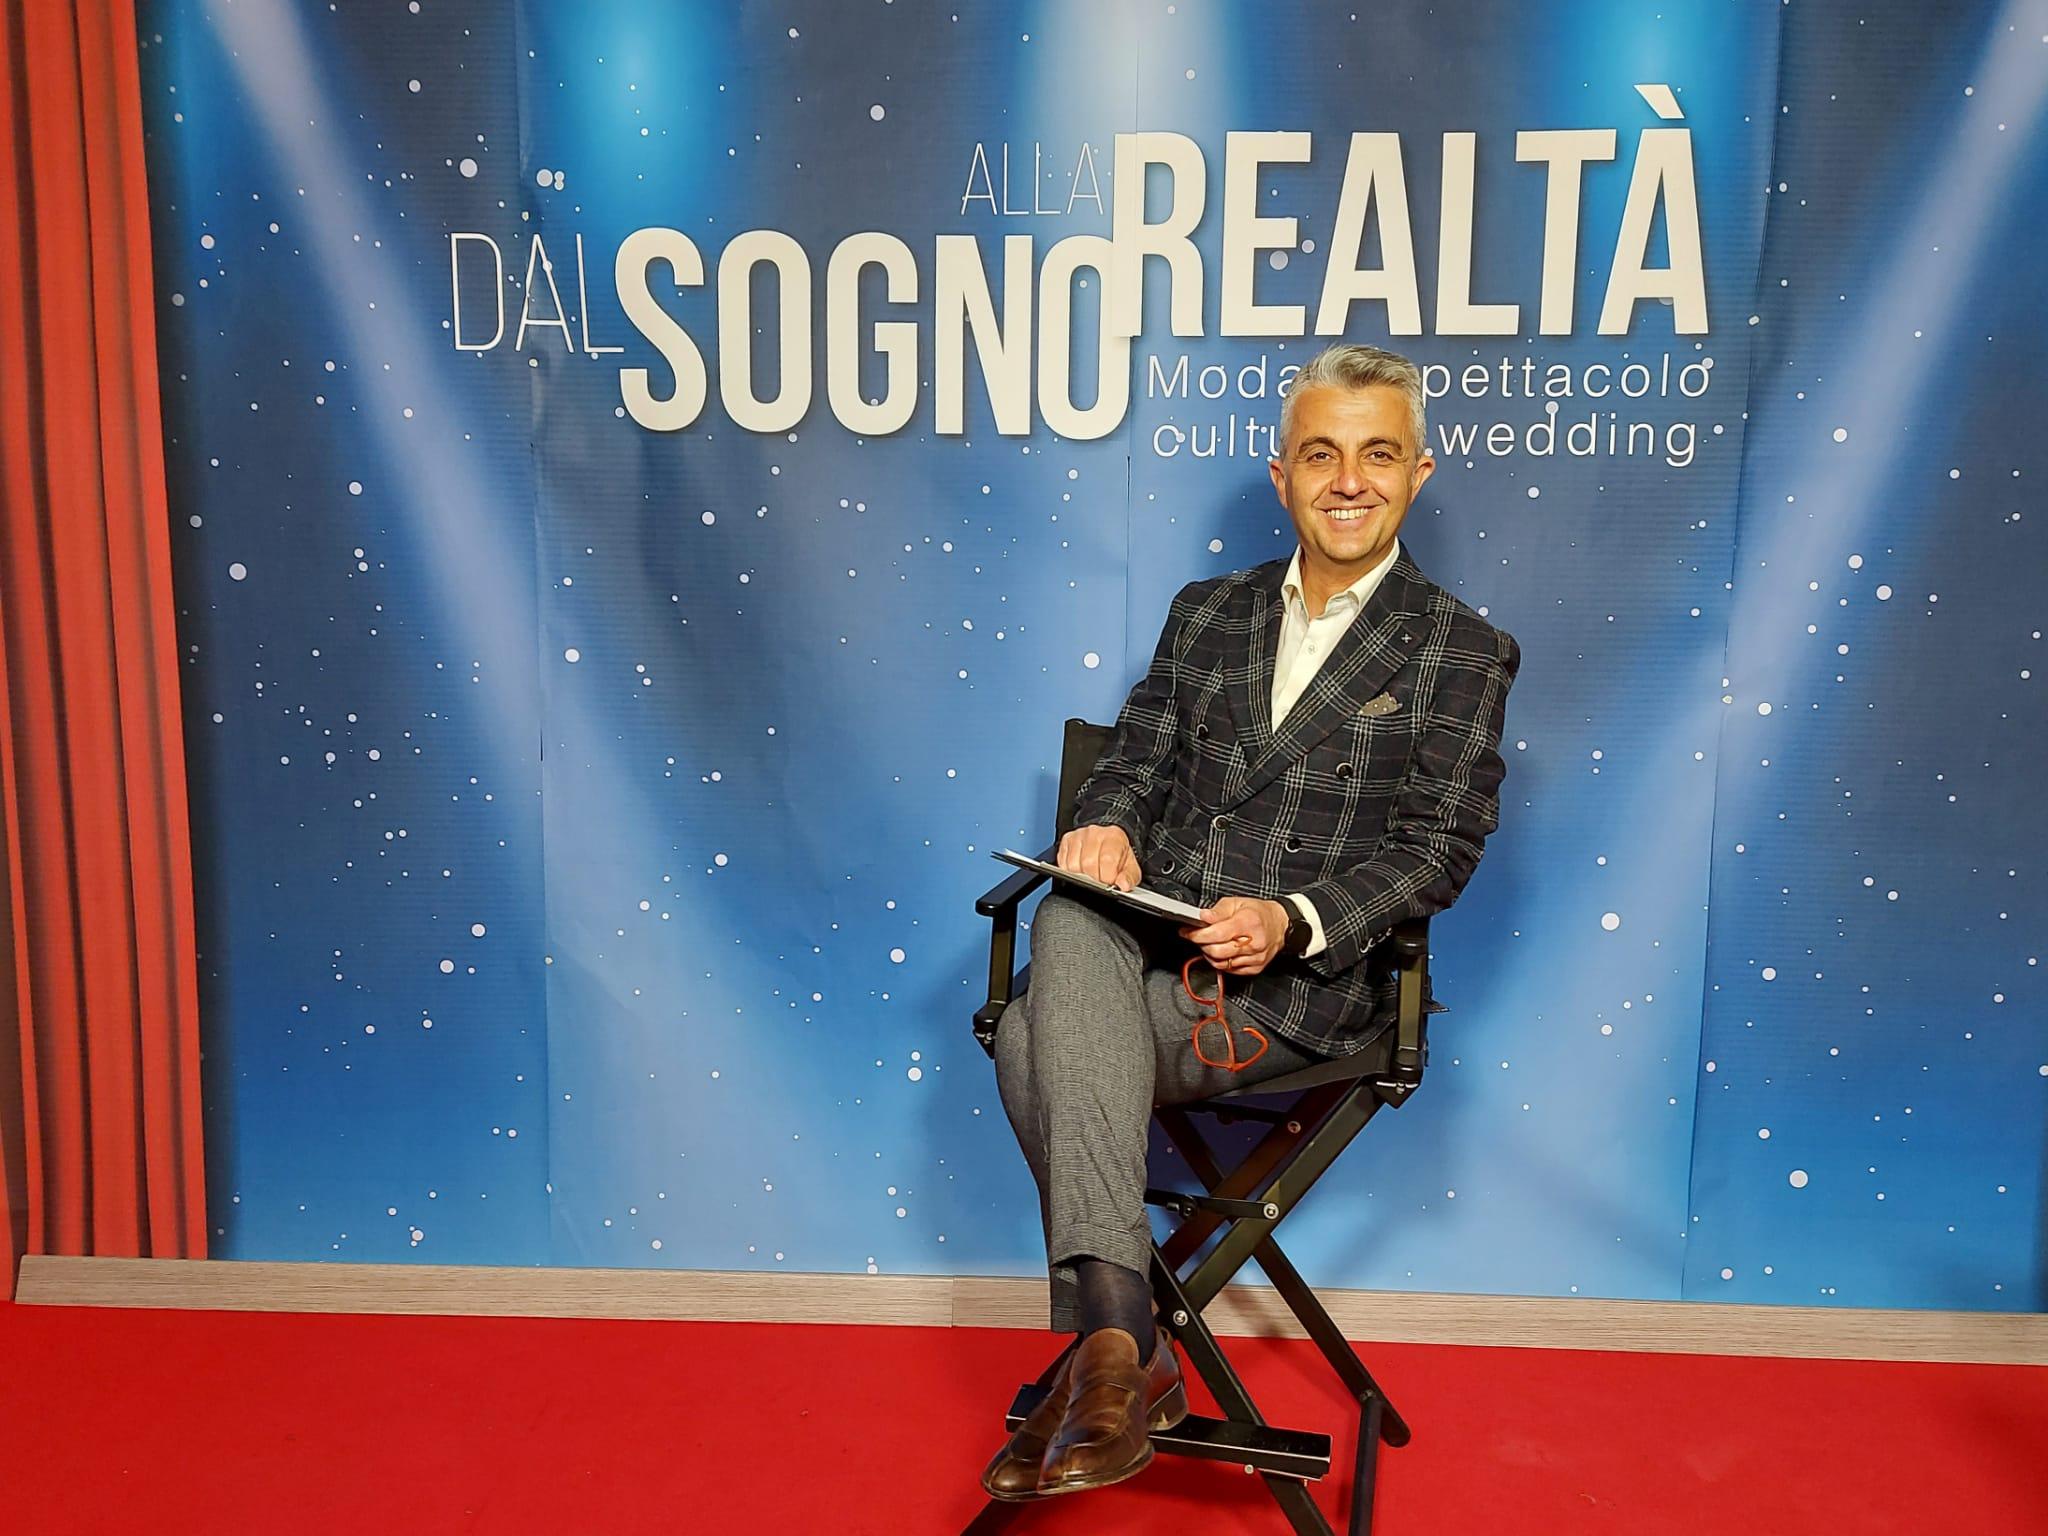 Dal sogno alla realtà. Moda, Spettacolo, Cultura e Wedding nella nuova Web Tv con Alfredo Bruno